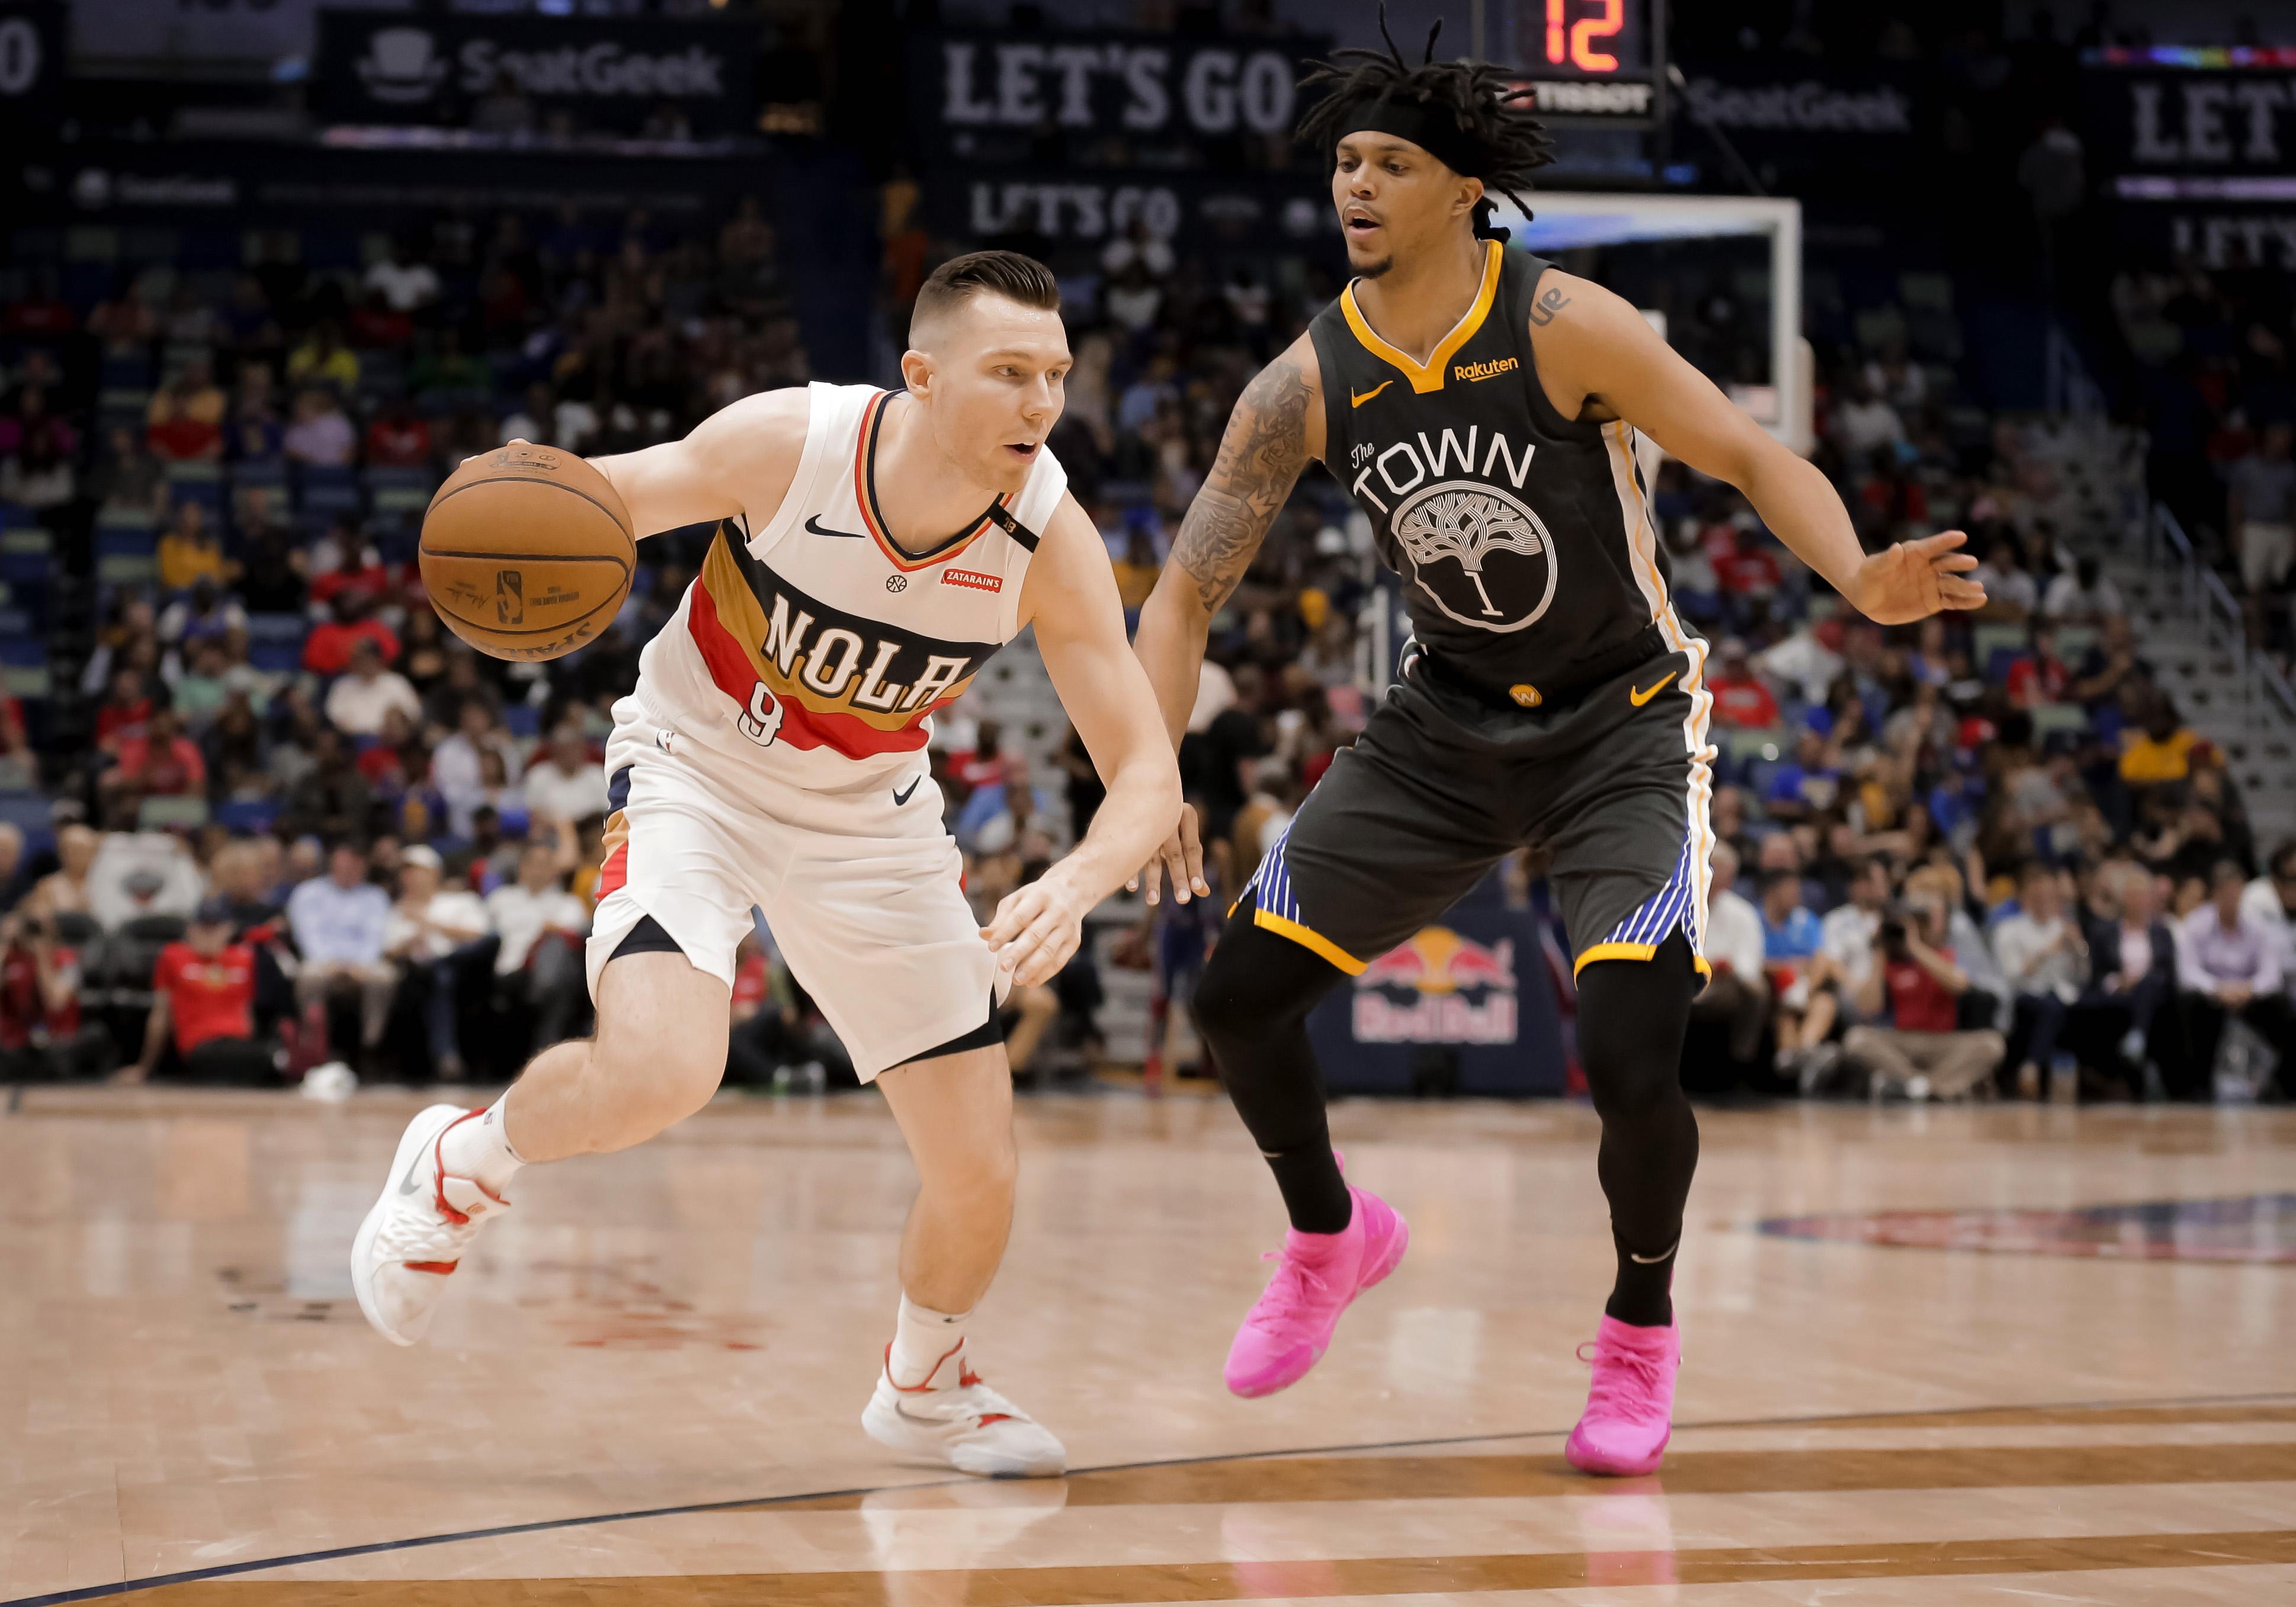 96fcdd782 Warriors Game Breakdown  Dubs win over Pelicans behind big bench ...